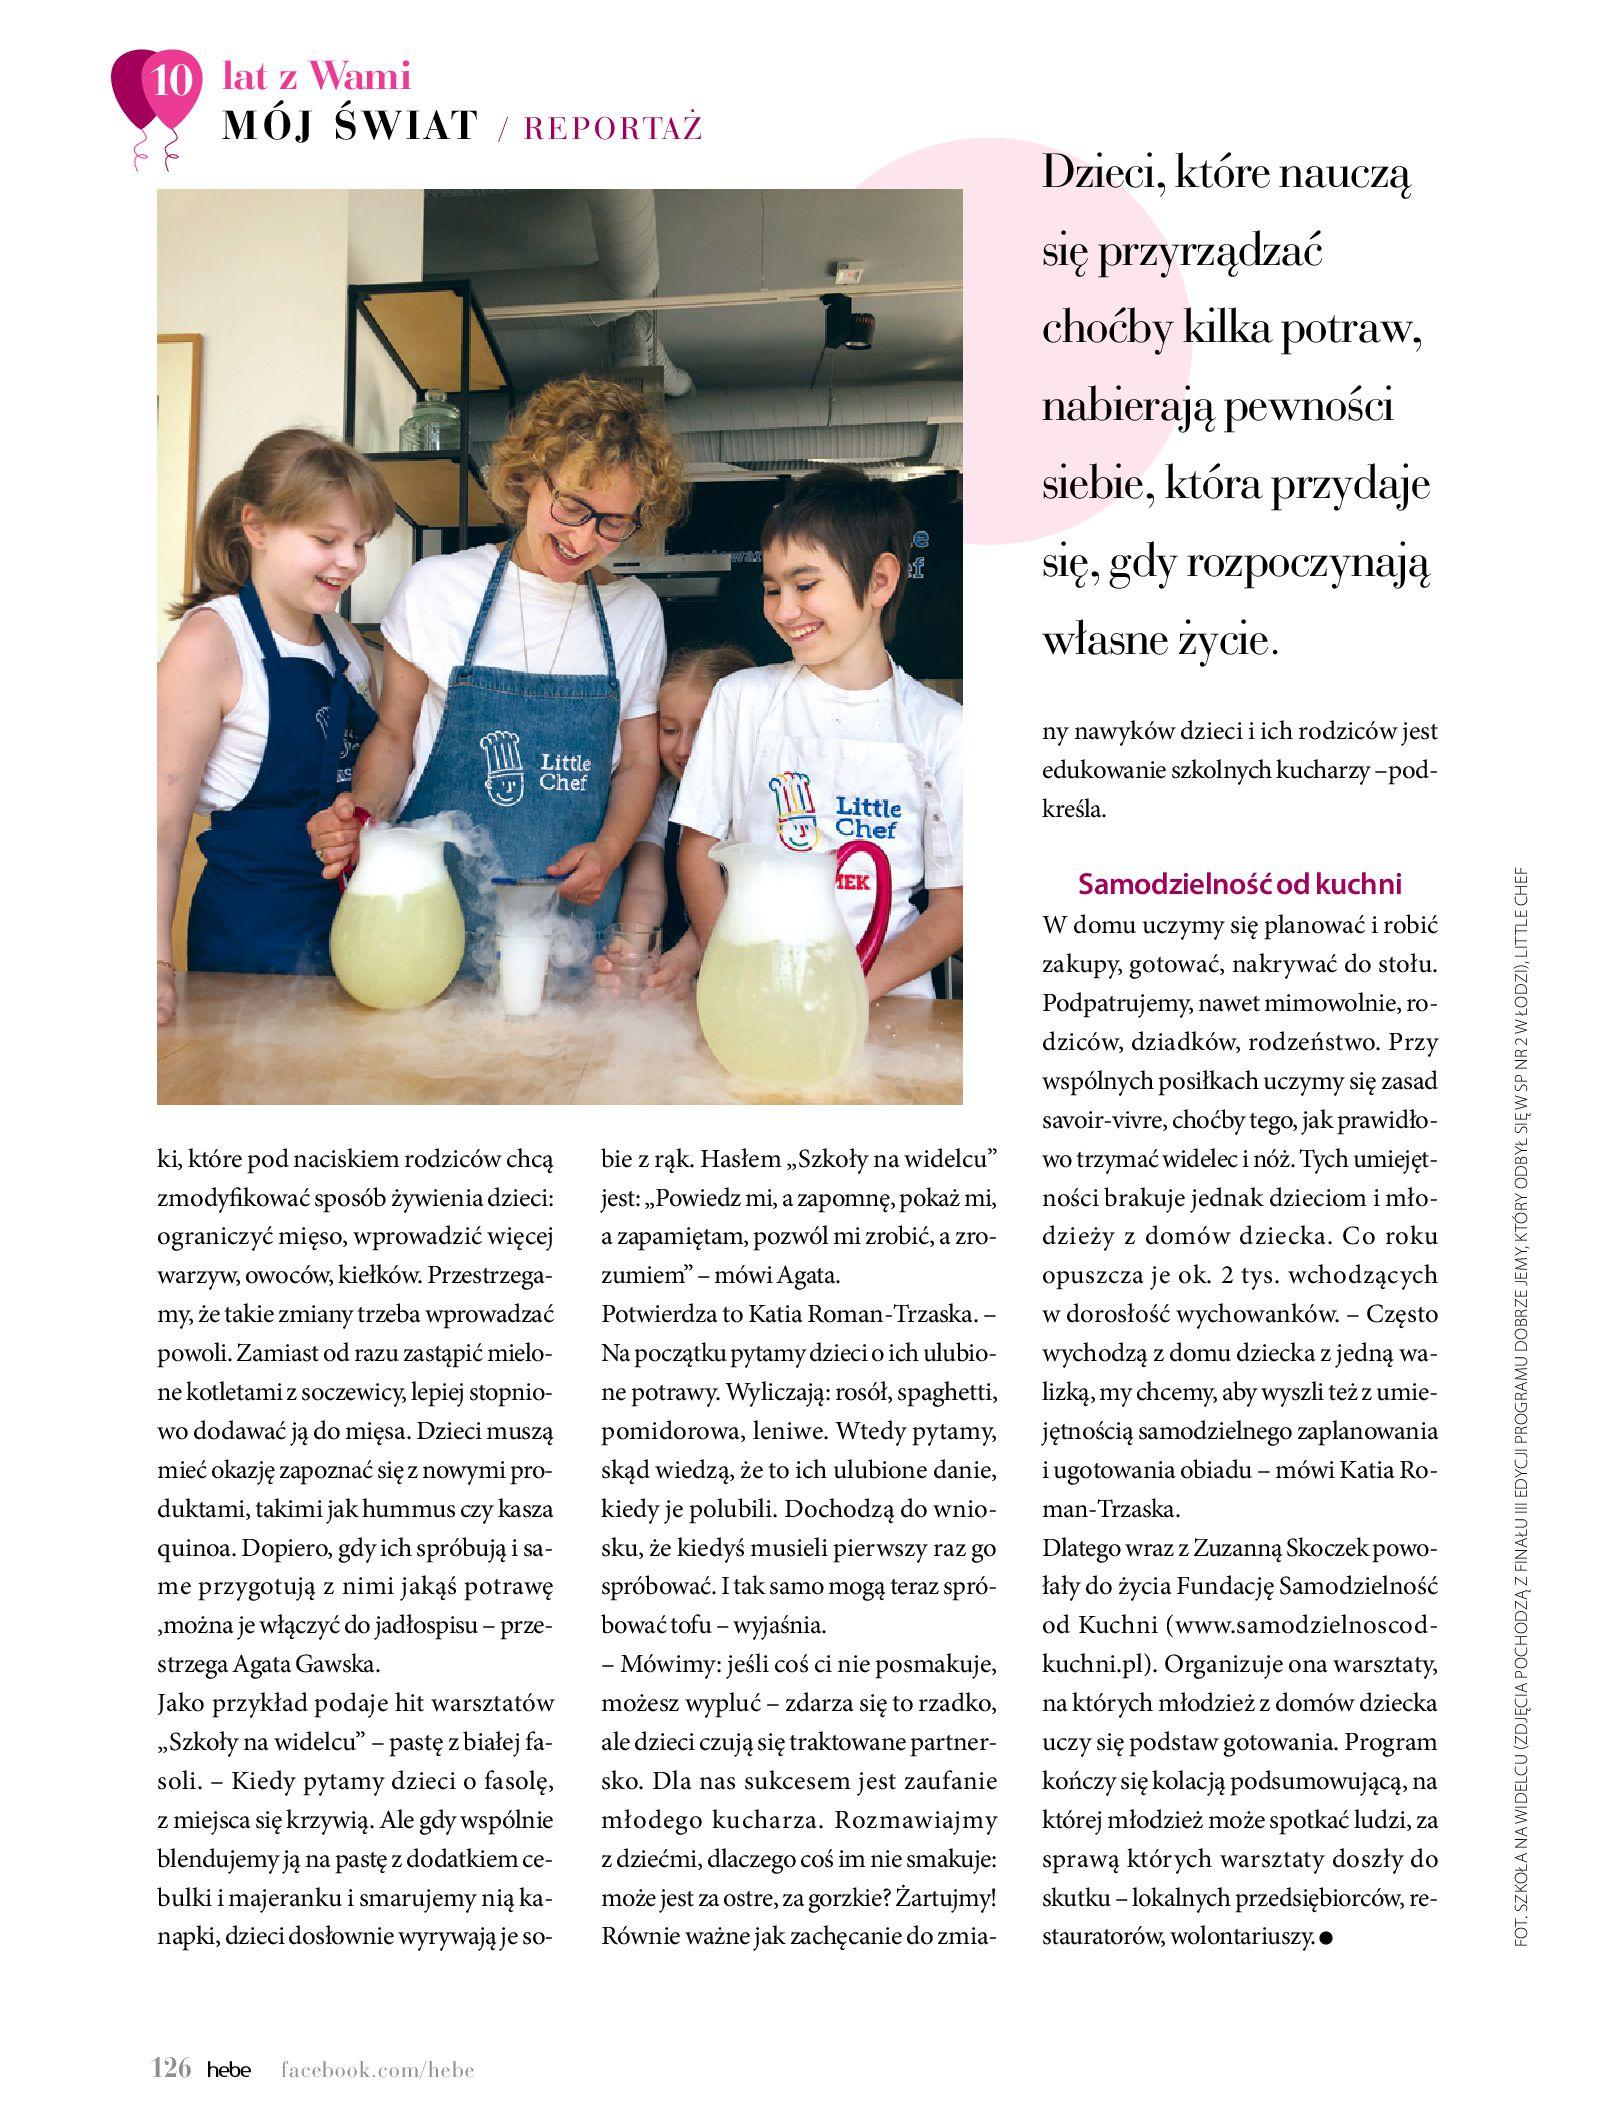 Gazetka hebe: Gazetka Hebe - Magazyn  2021-05-01 page-126